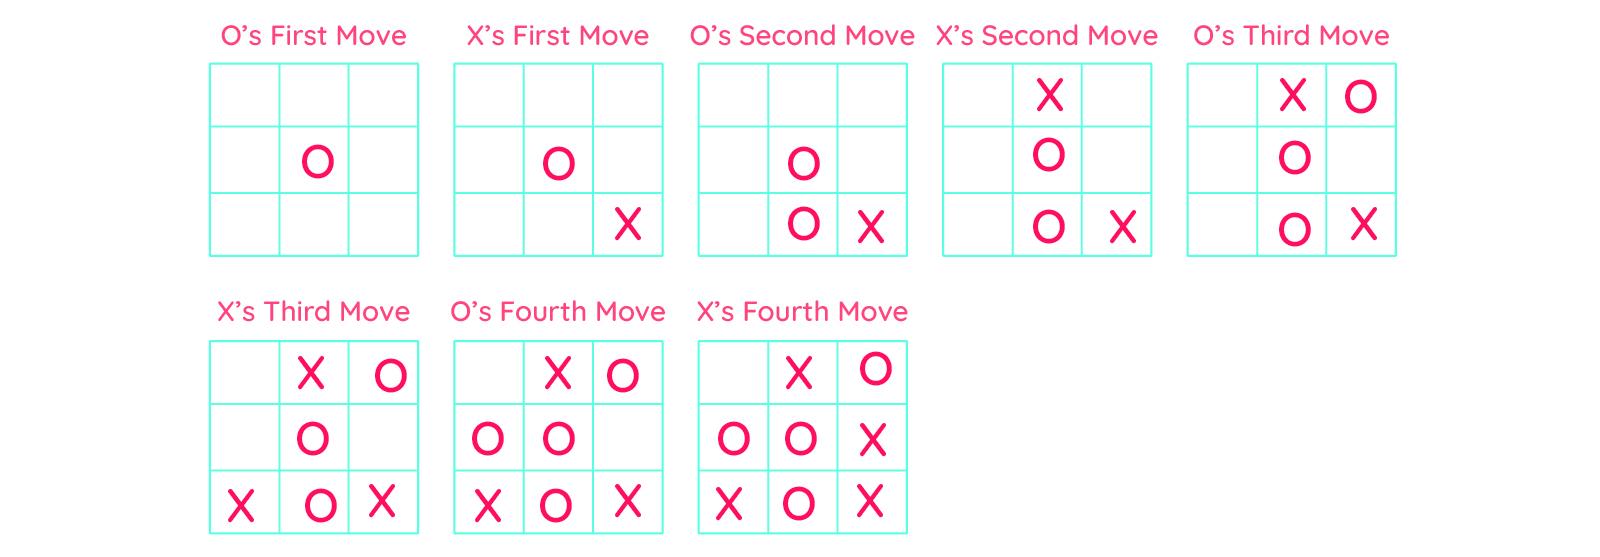 Round 2 XOX game